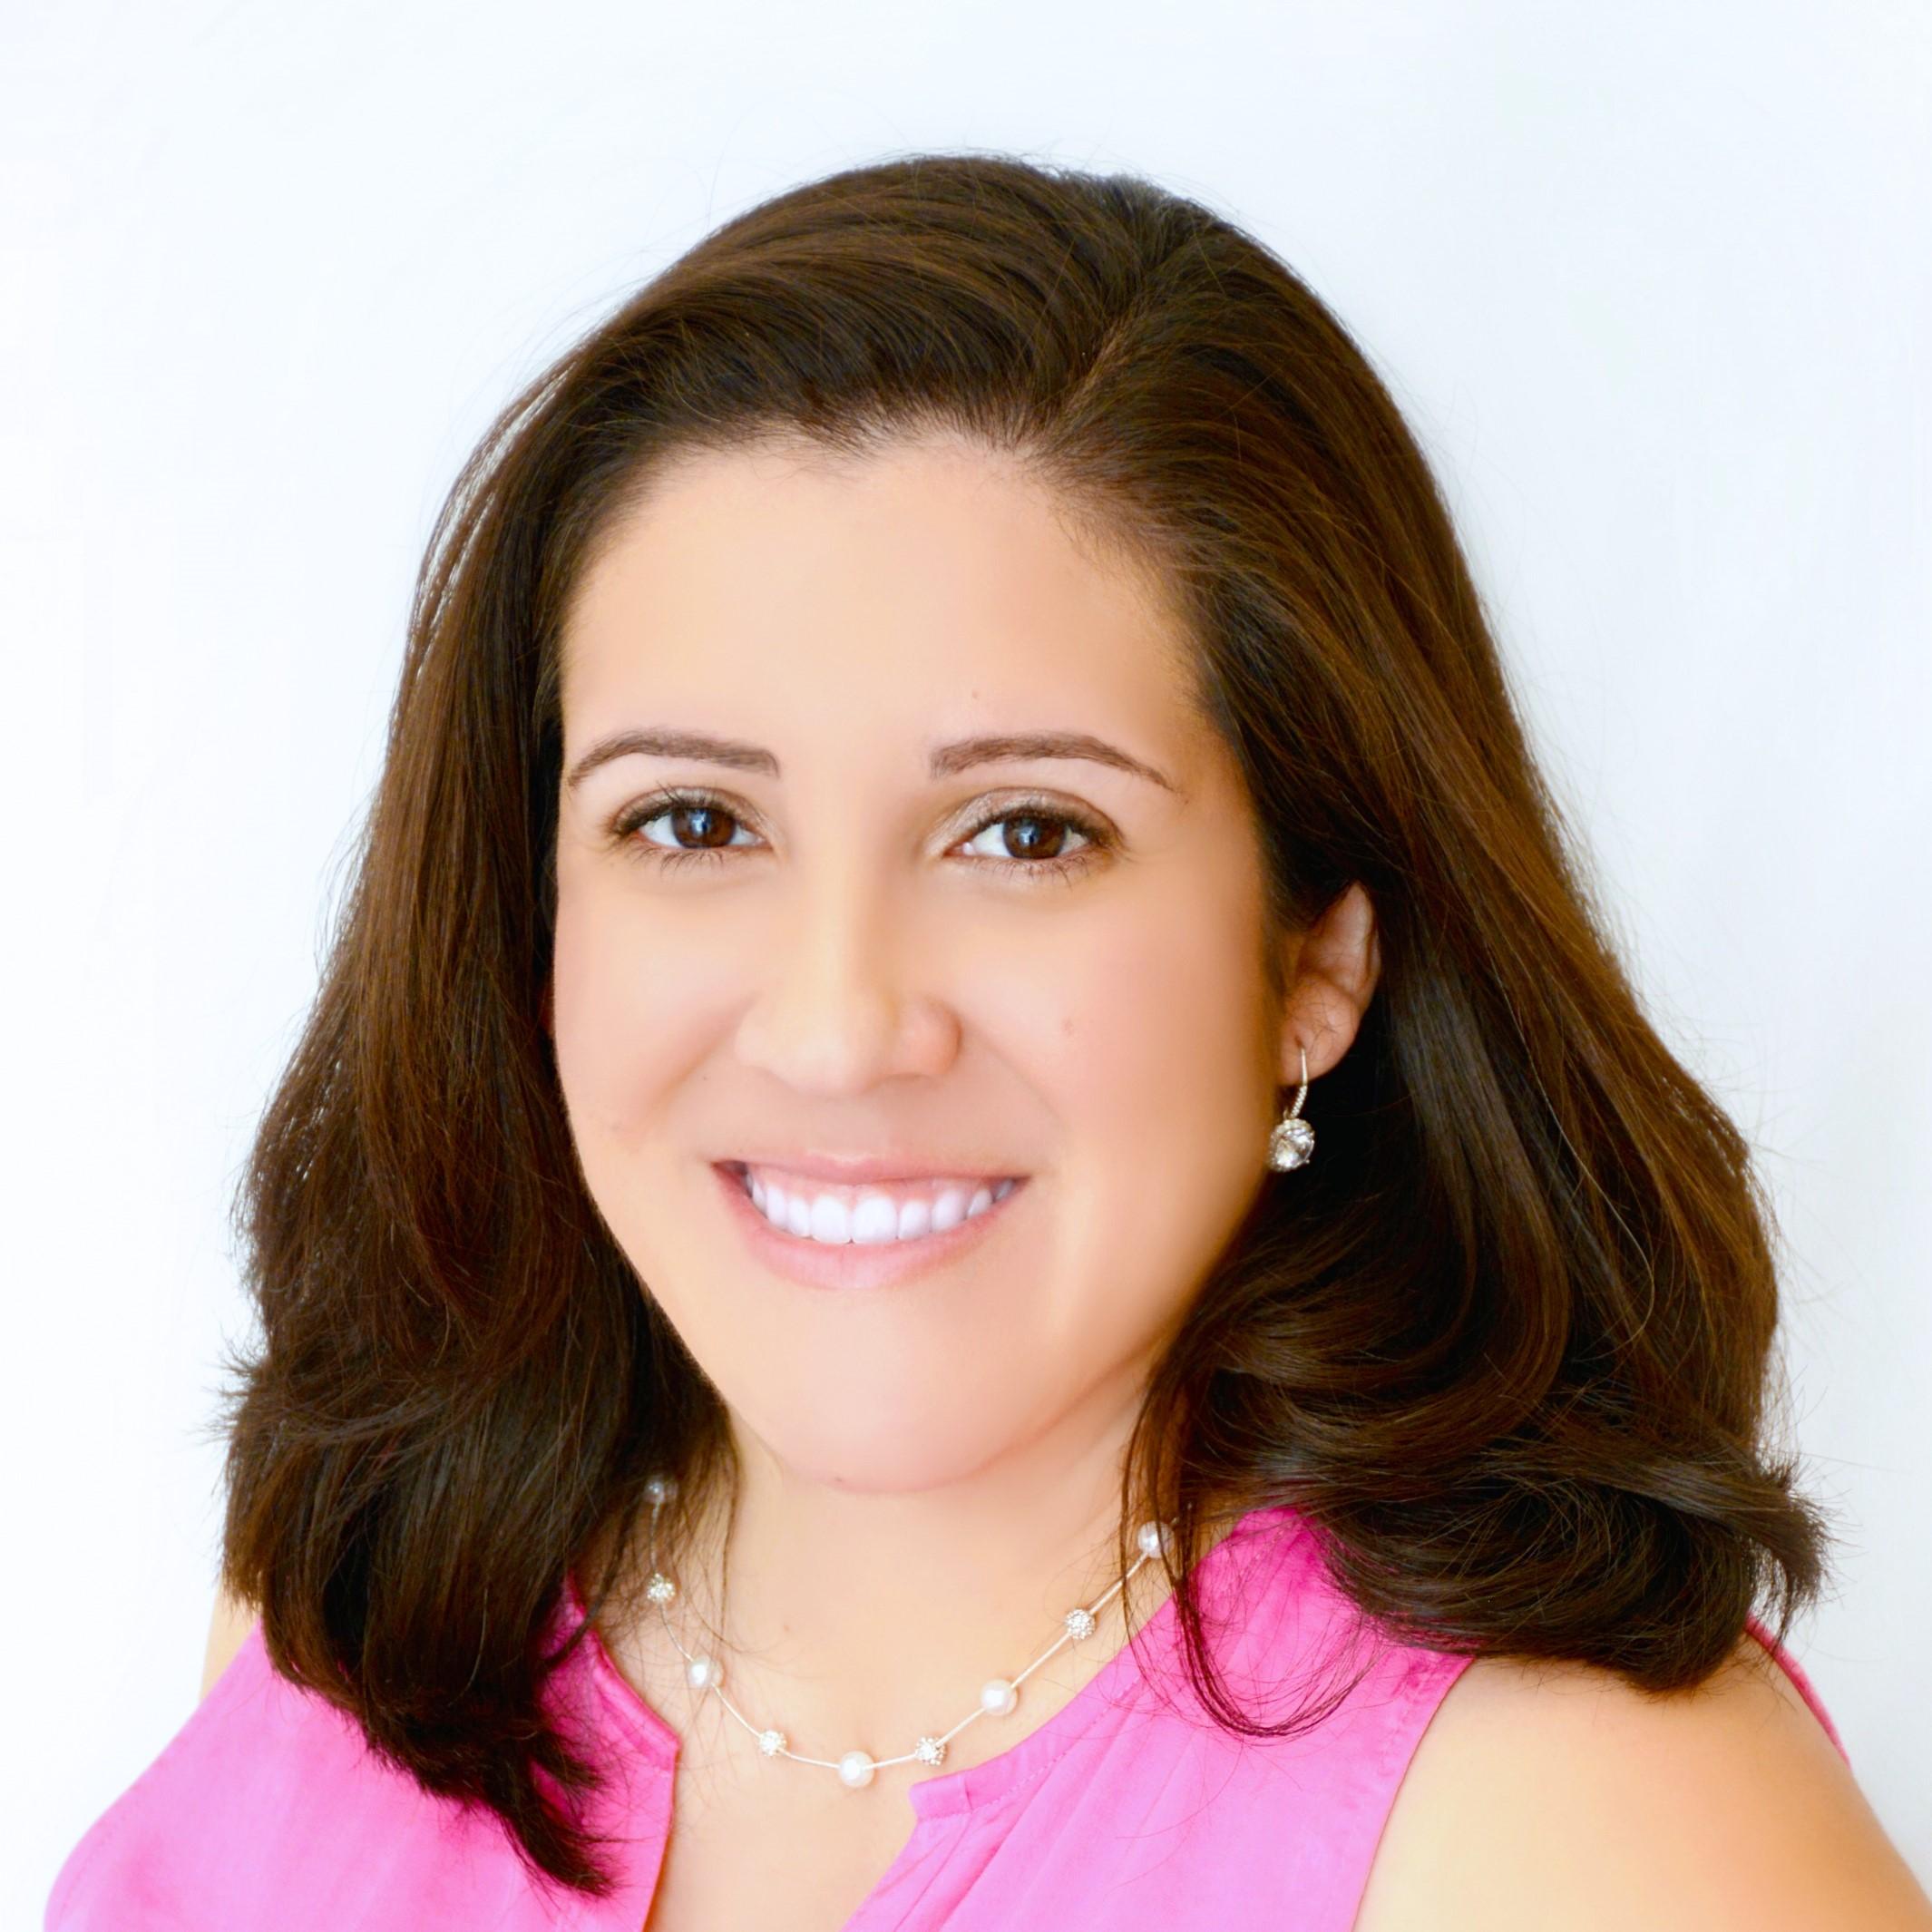 Lola Karacsonyi profile image